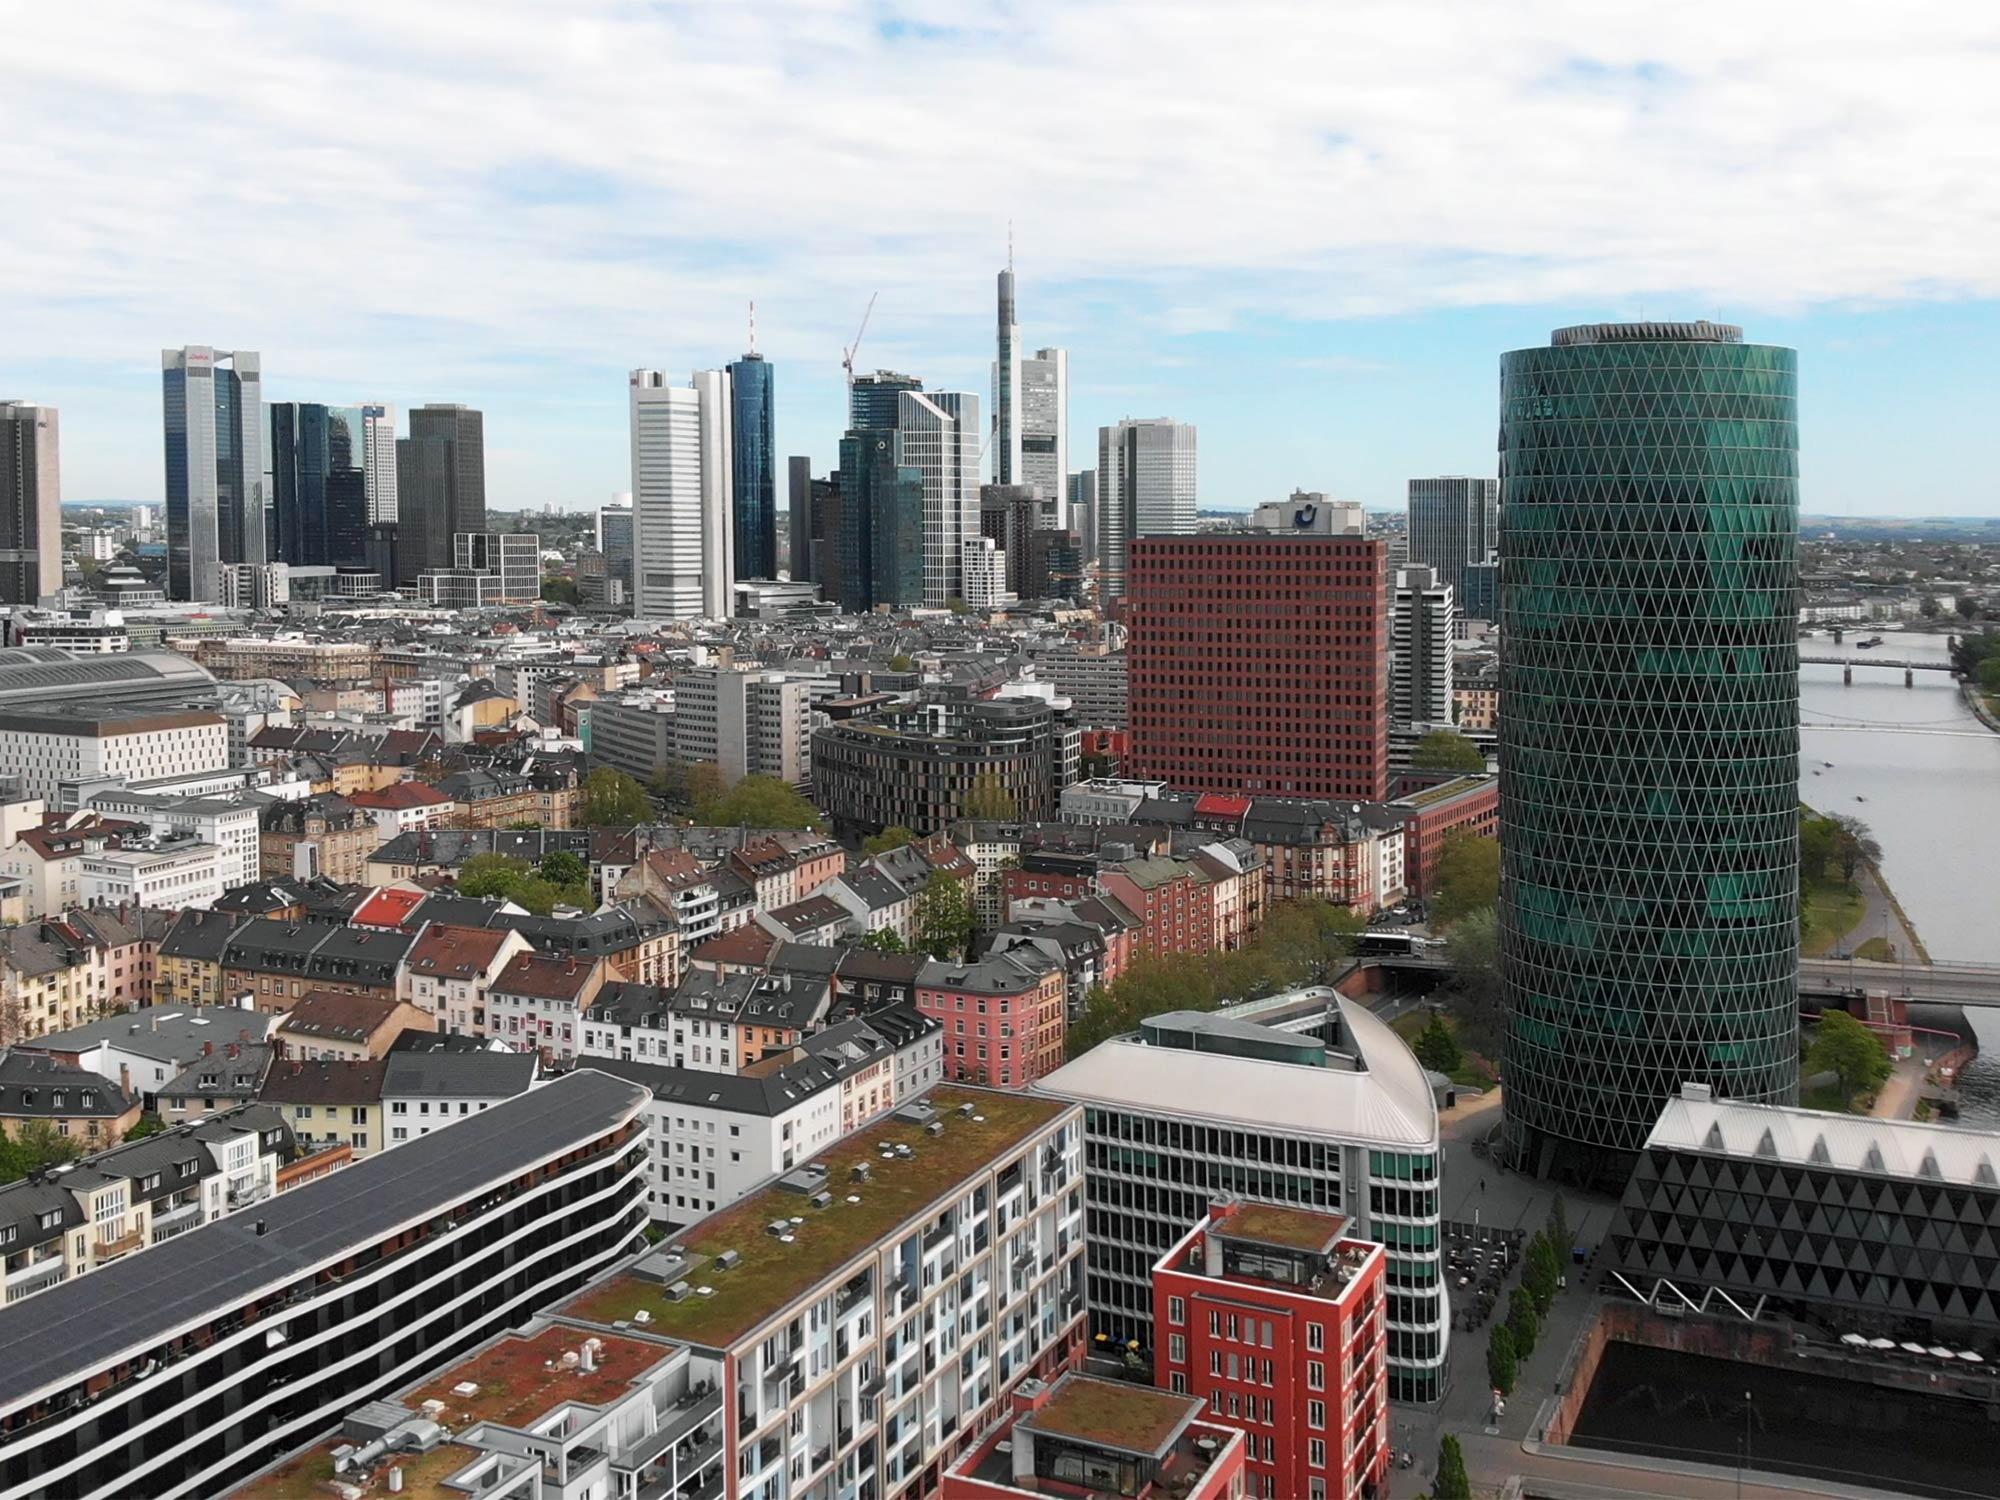 Panorama Frankfurt - Luftaufnahmen Skyline - Bankenviertel Luftaufnahme - Hochhäuser und Wolkenkratzer Drohnenflug